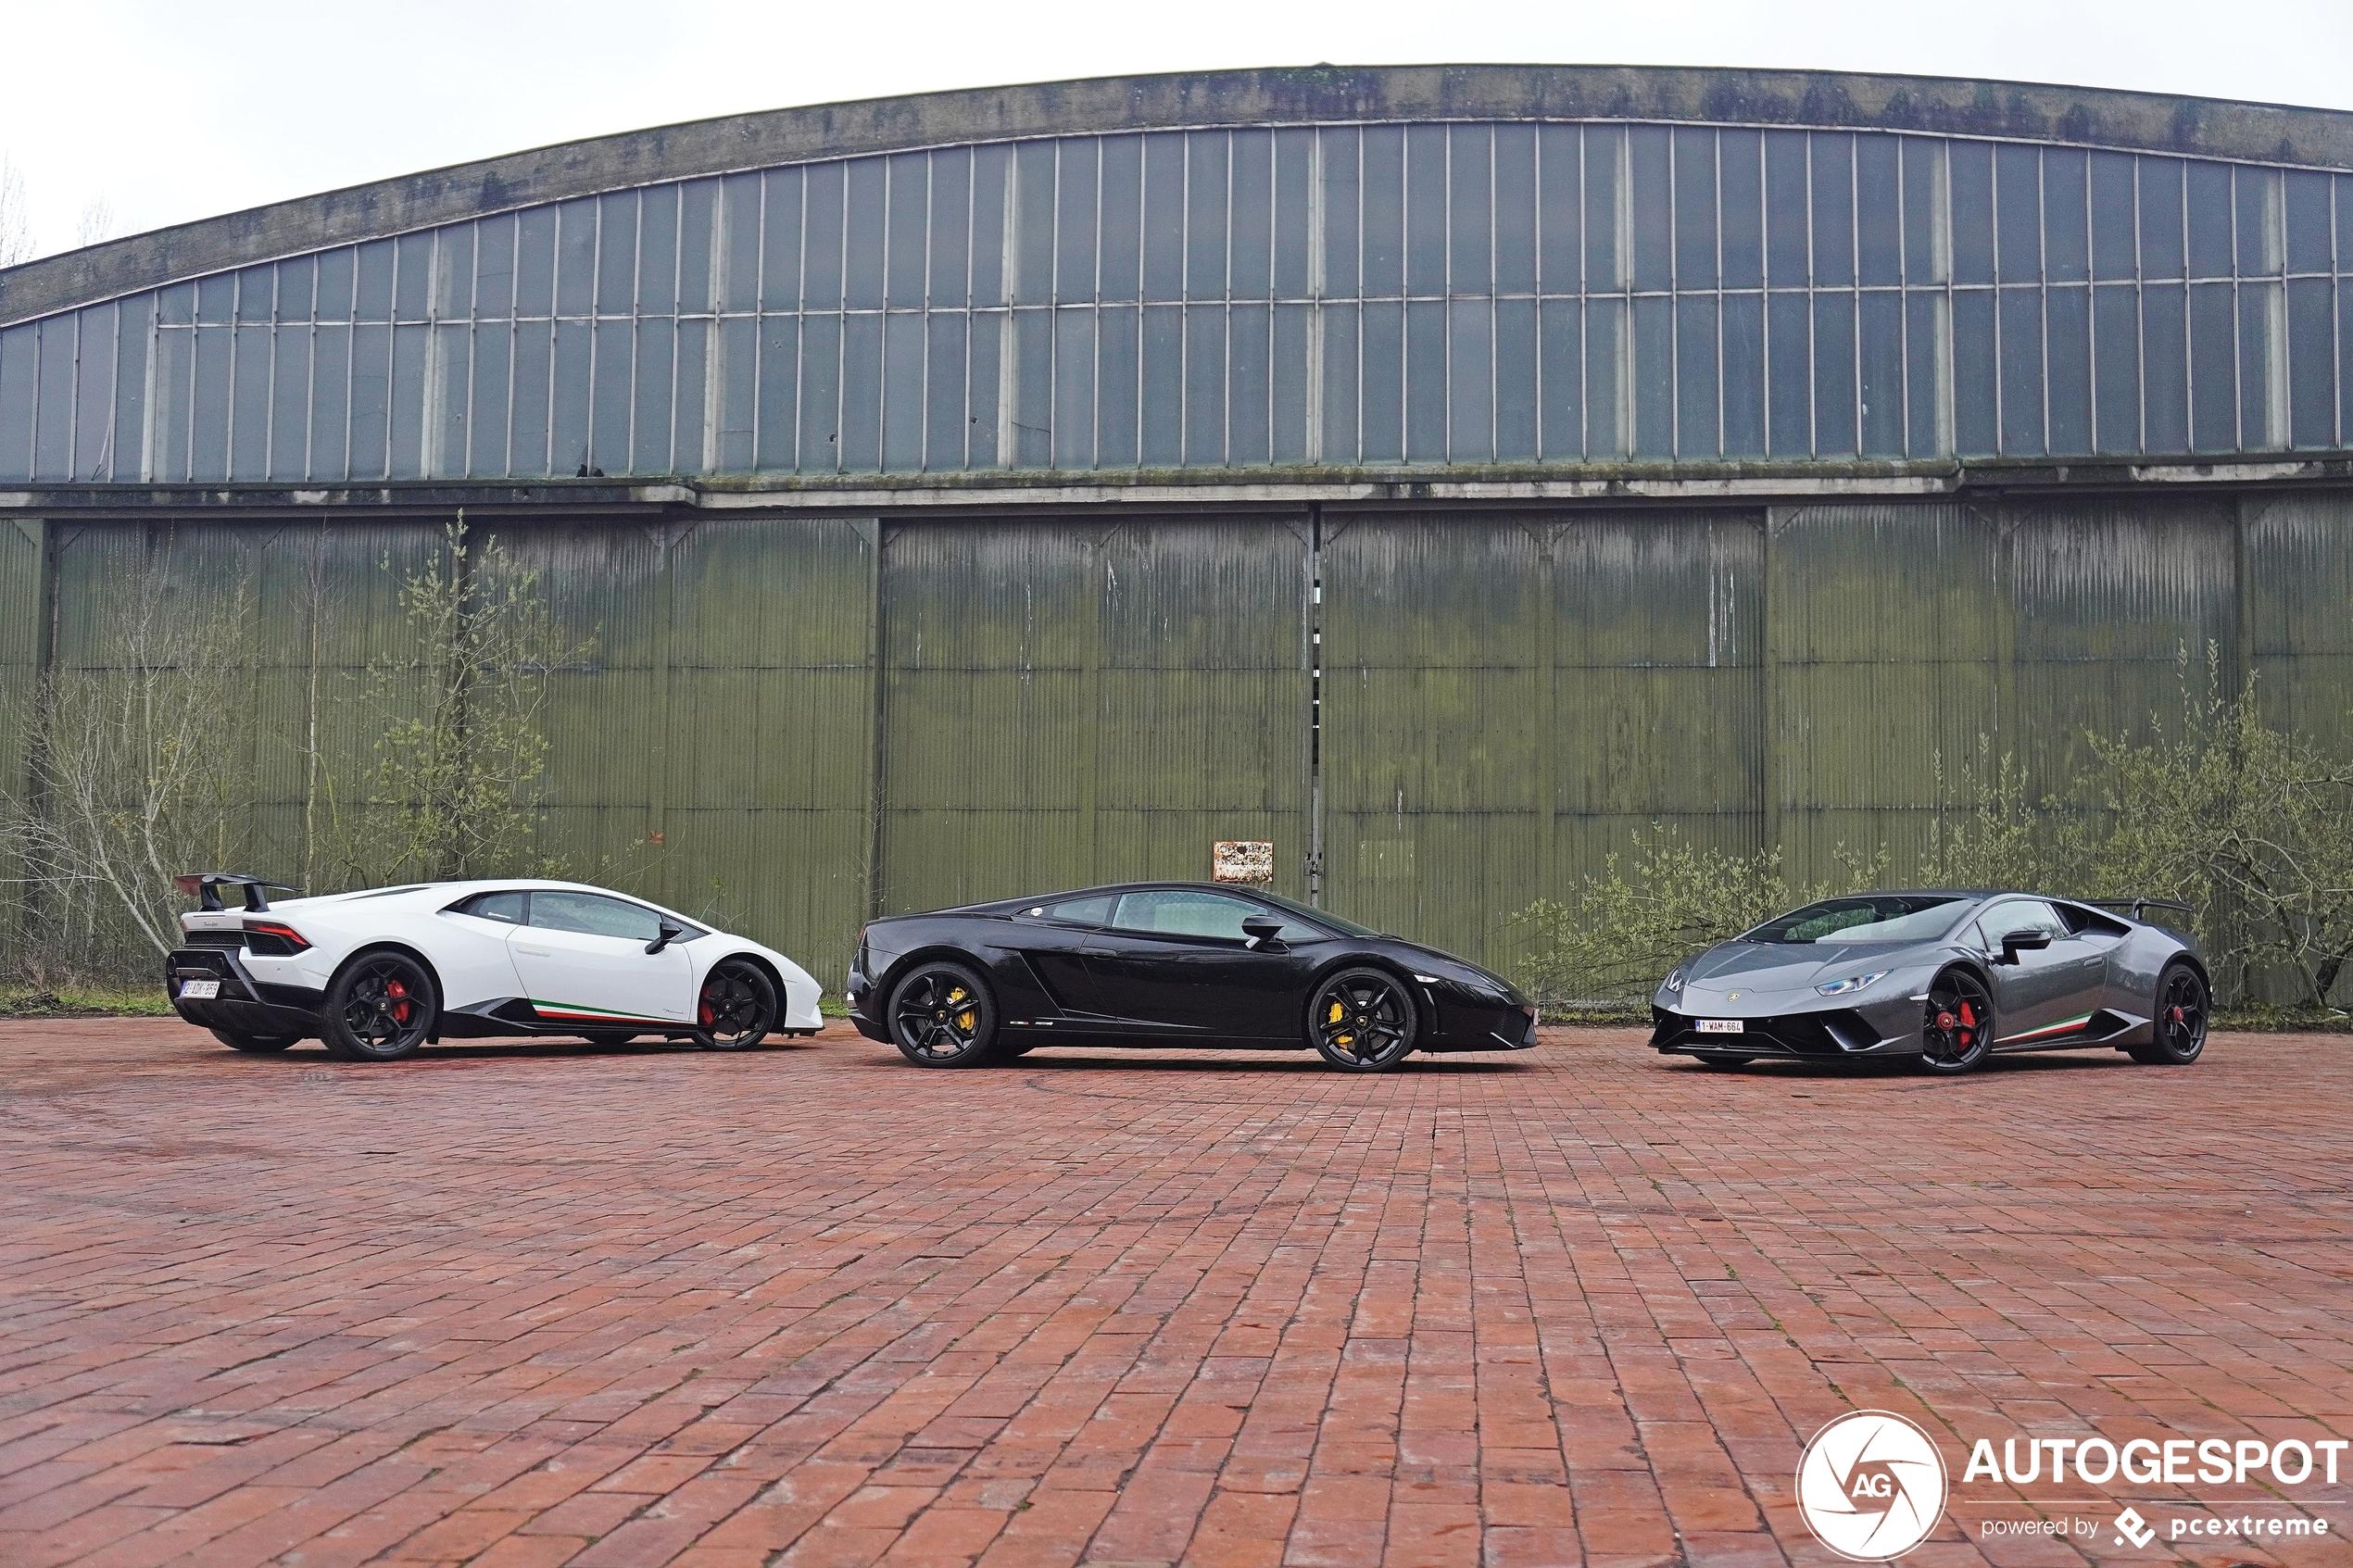 LamborghiniGallardo LP560-4